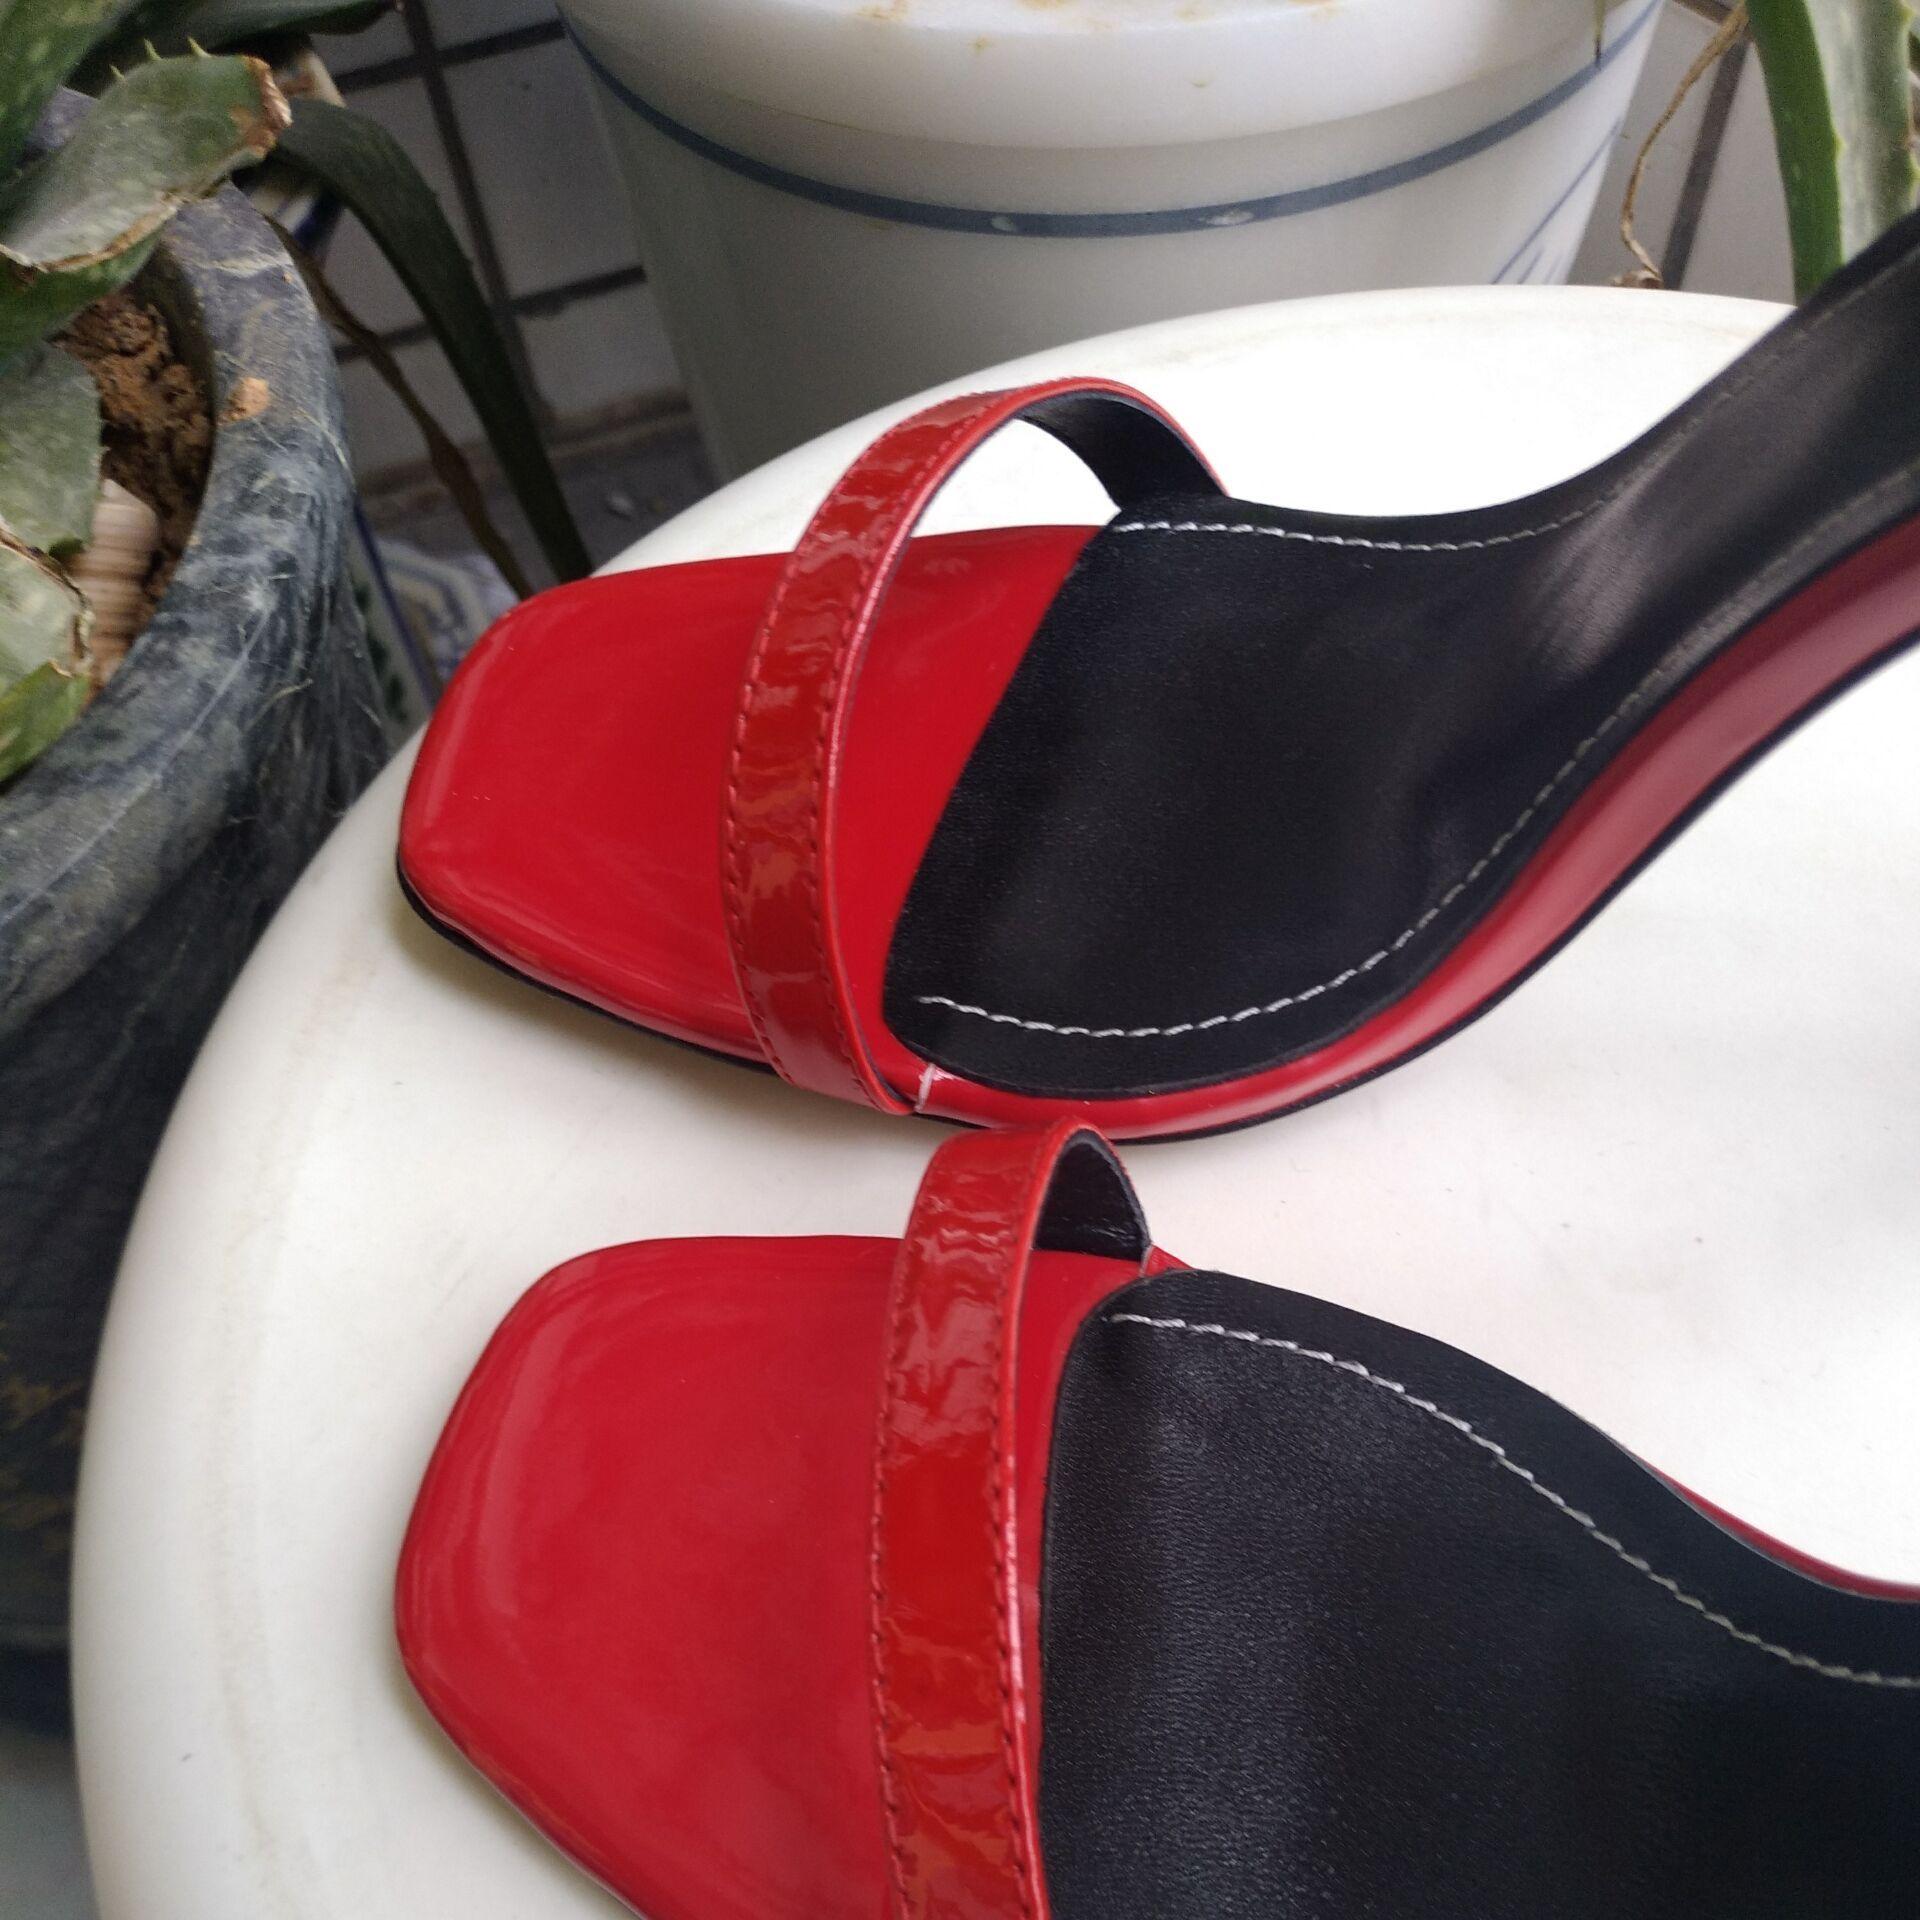 2019 Venda Quente Novo Clássico Sandálias High-Heeled Senhora Sapatos Catwalk Fivela Borracha sola